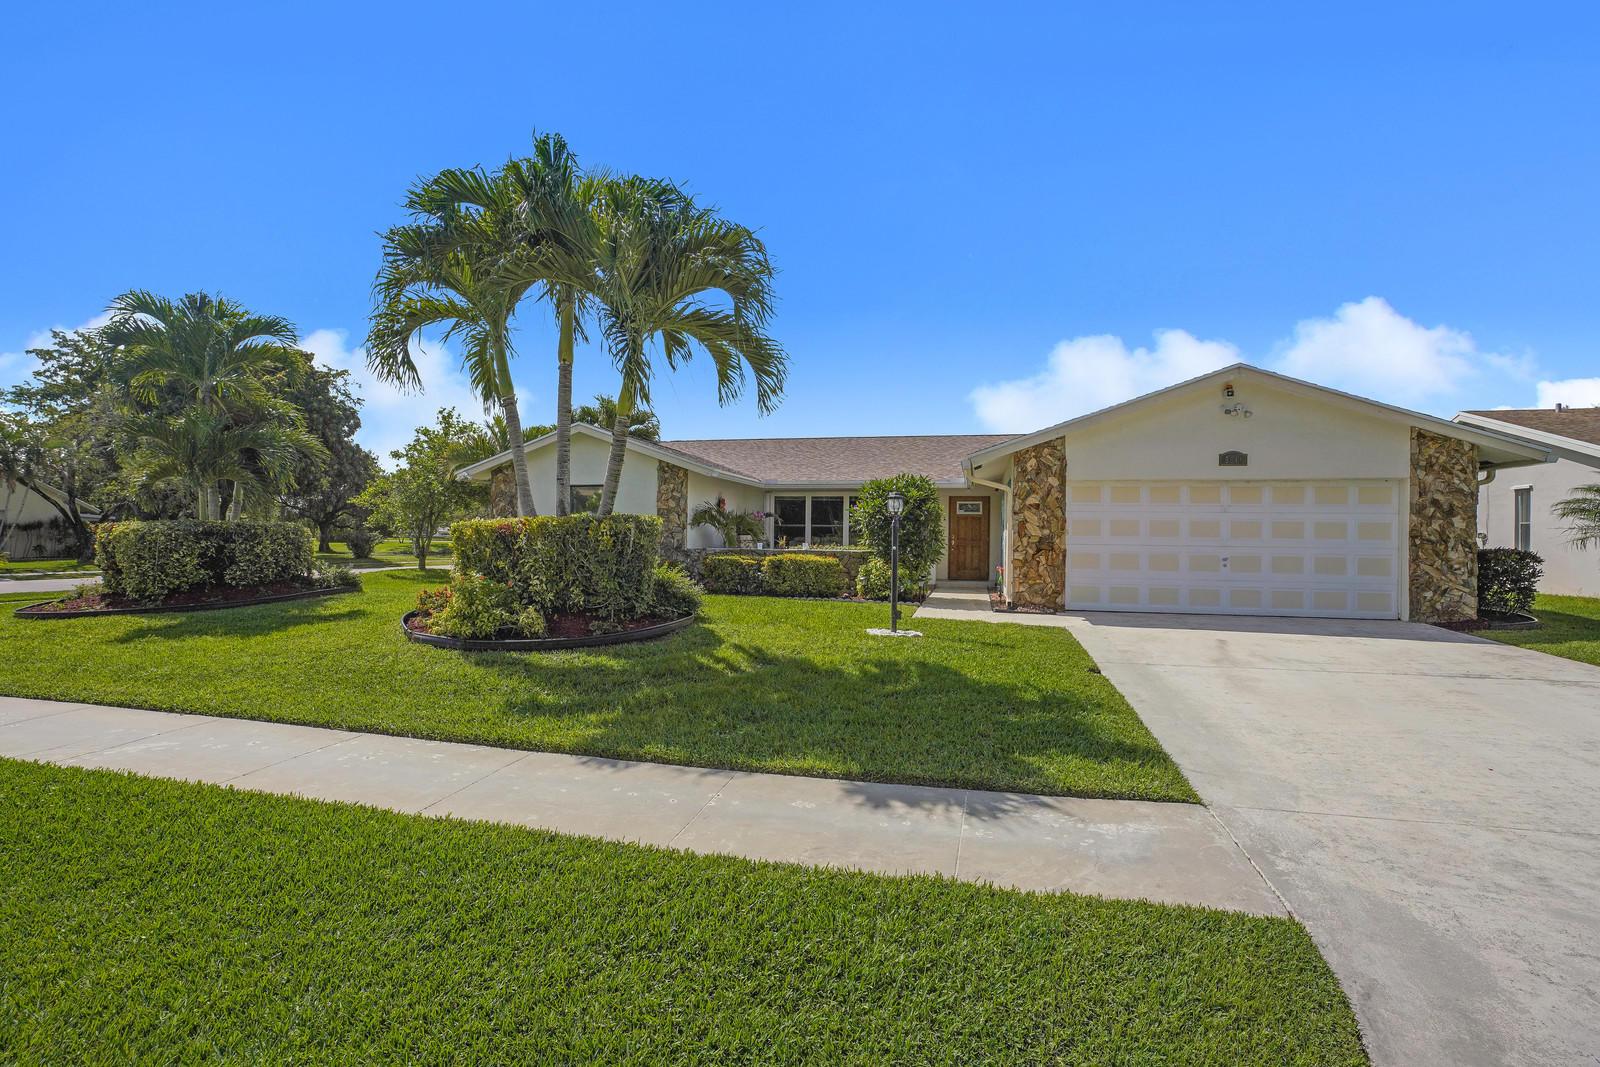 5641 Adair Way Lake Worth, FL 33467